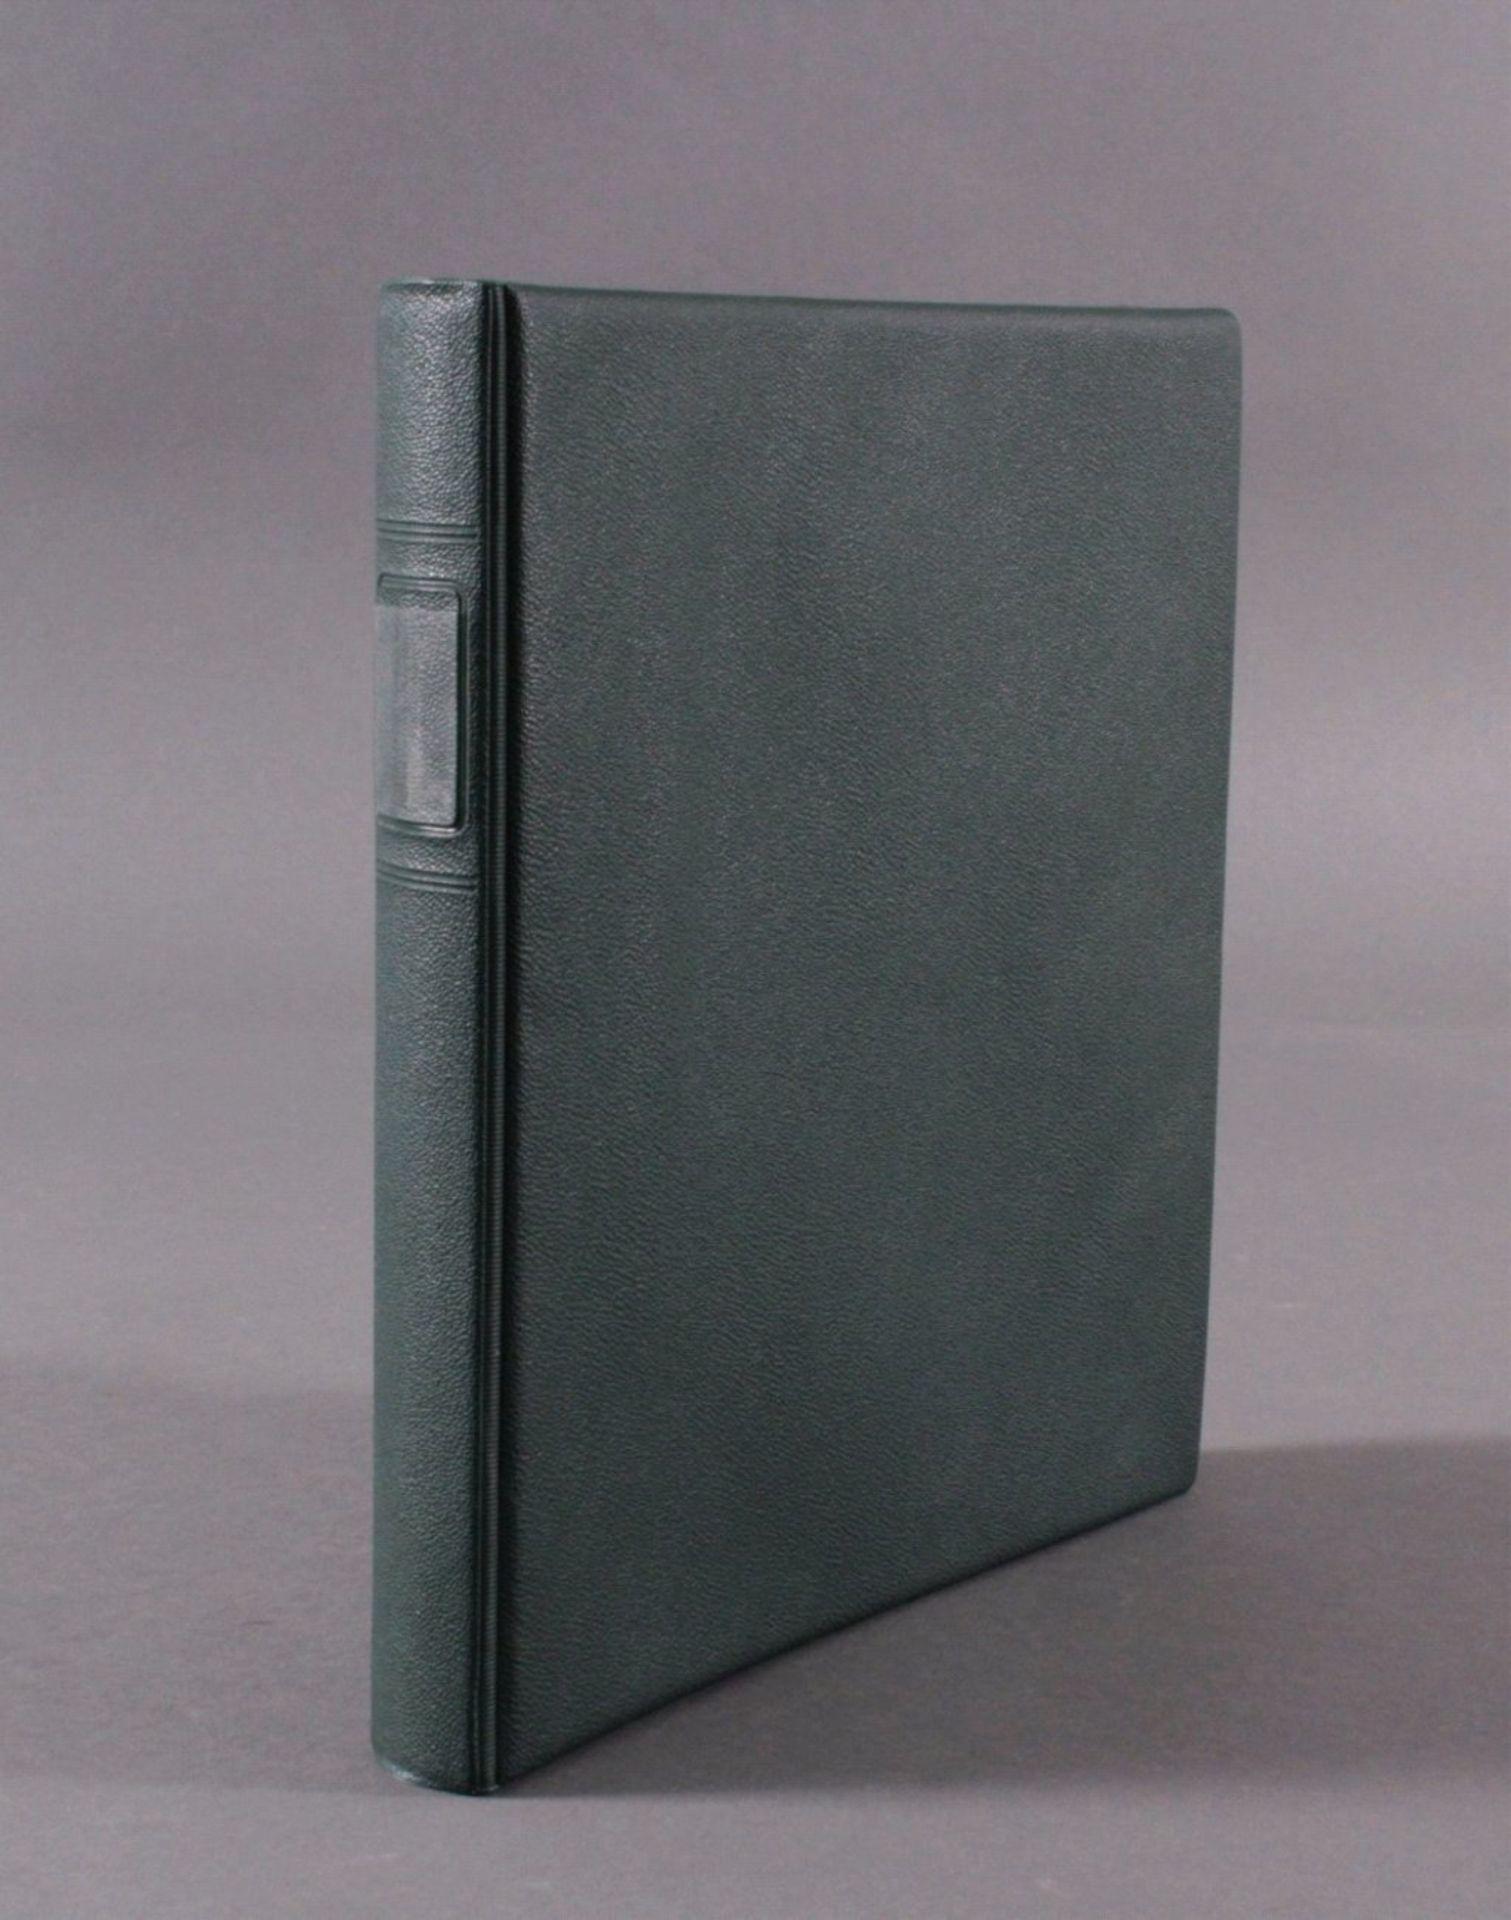 Sammlung Alliierte BesetzungAmerikanische und Britische Zone, AM Post (auch hohe Werte),sowie - Bild 6 aus 12